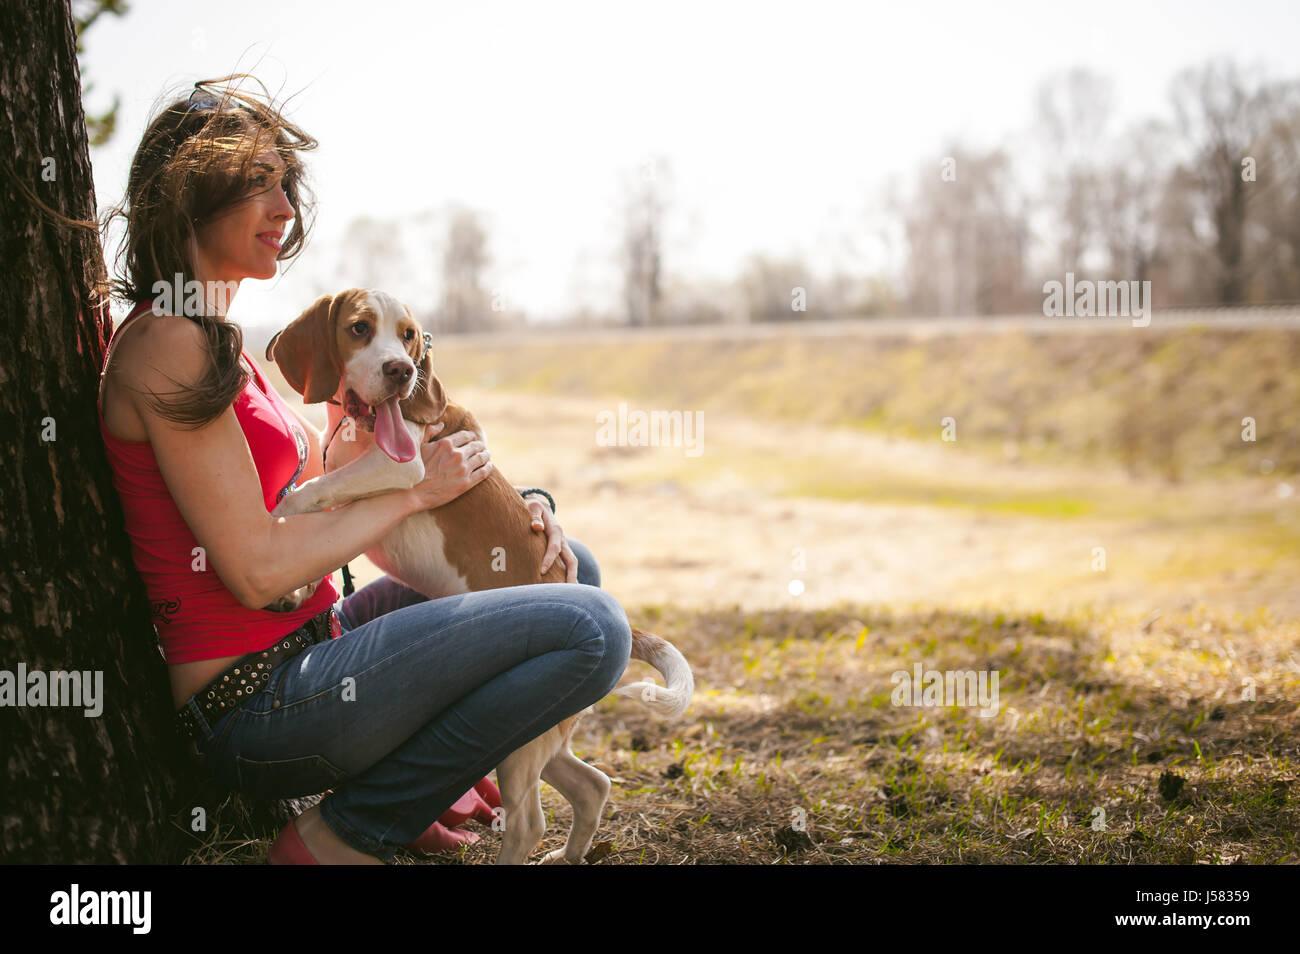 Jóvenes de razas de perro Beagle caminar en el parque al aire libre. Mujer camina con cuidado cachorro, reproduce Imagen De Stock